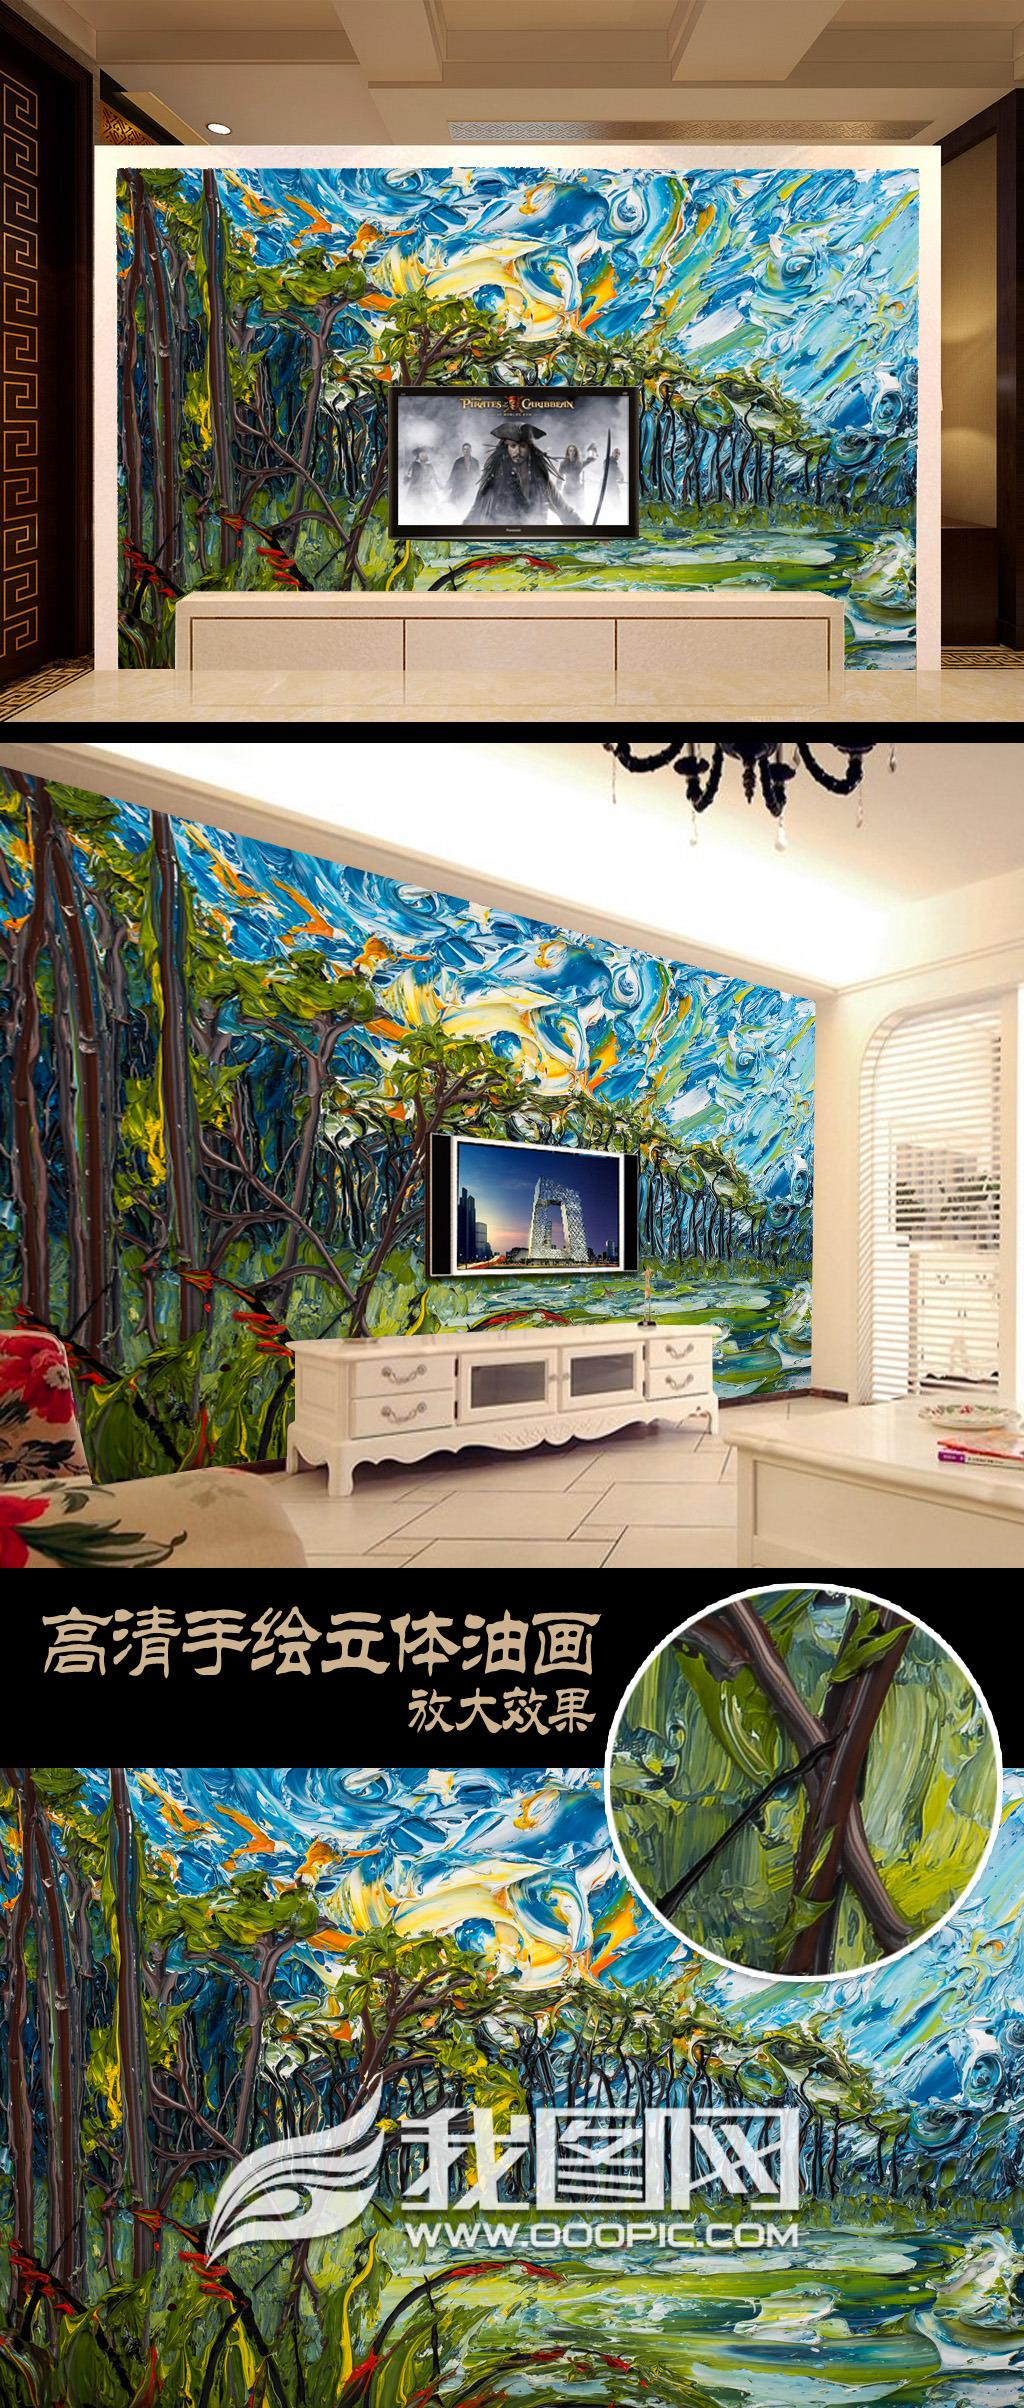 花草树木手绘立体油画壁画装修效果图背景墙